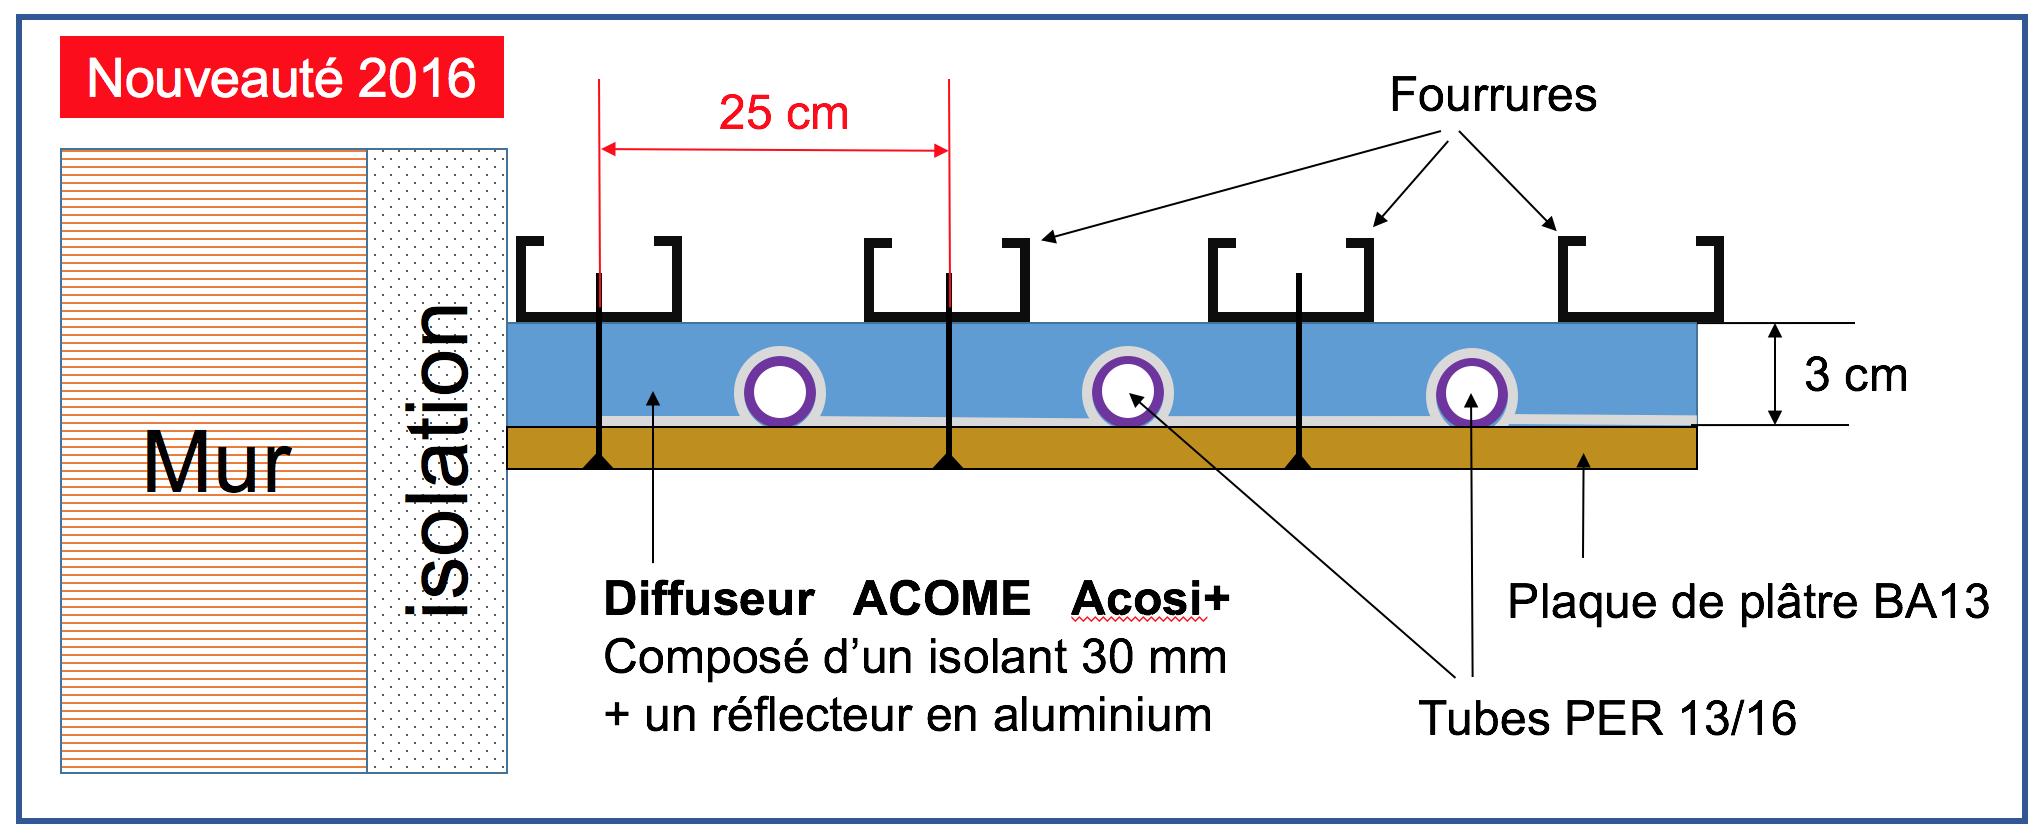 Le plafond chauffant eau chauffage climatisation - Plafond rayonnant hydraulique ...